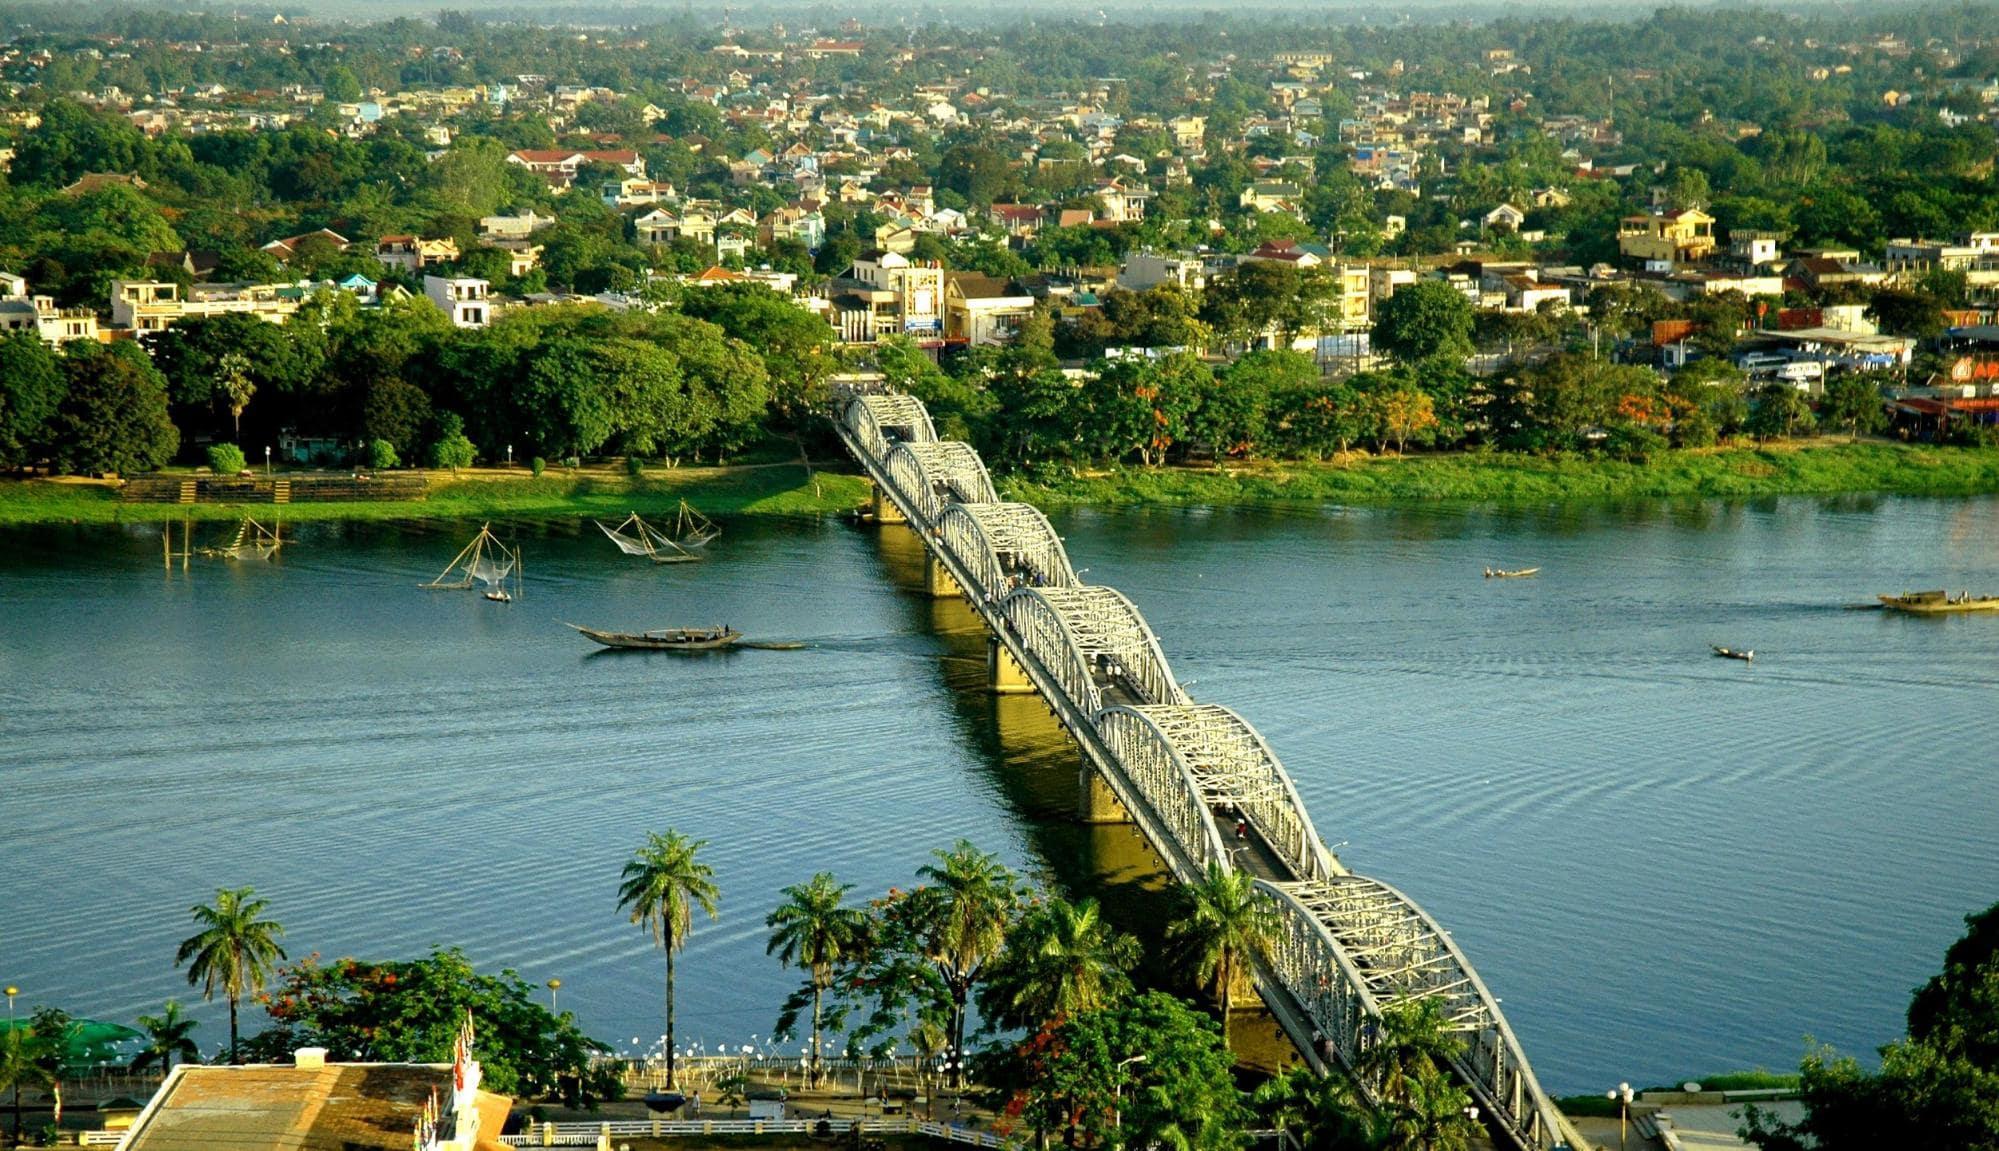 Kinh nghiệm du lịch Đà Nẵng - Huế - Hội An 2